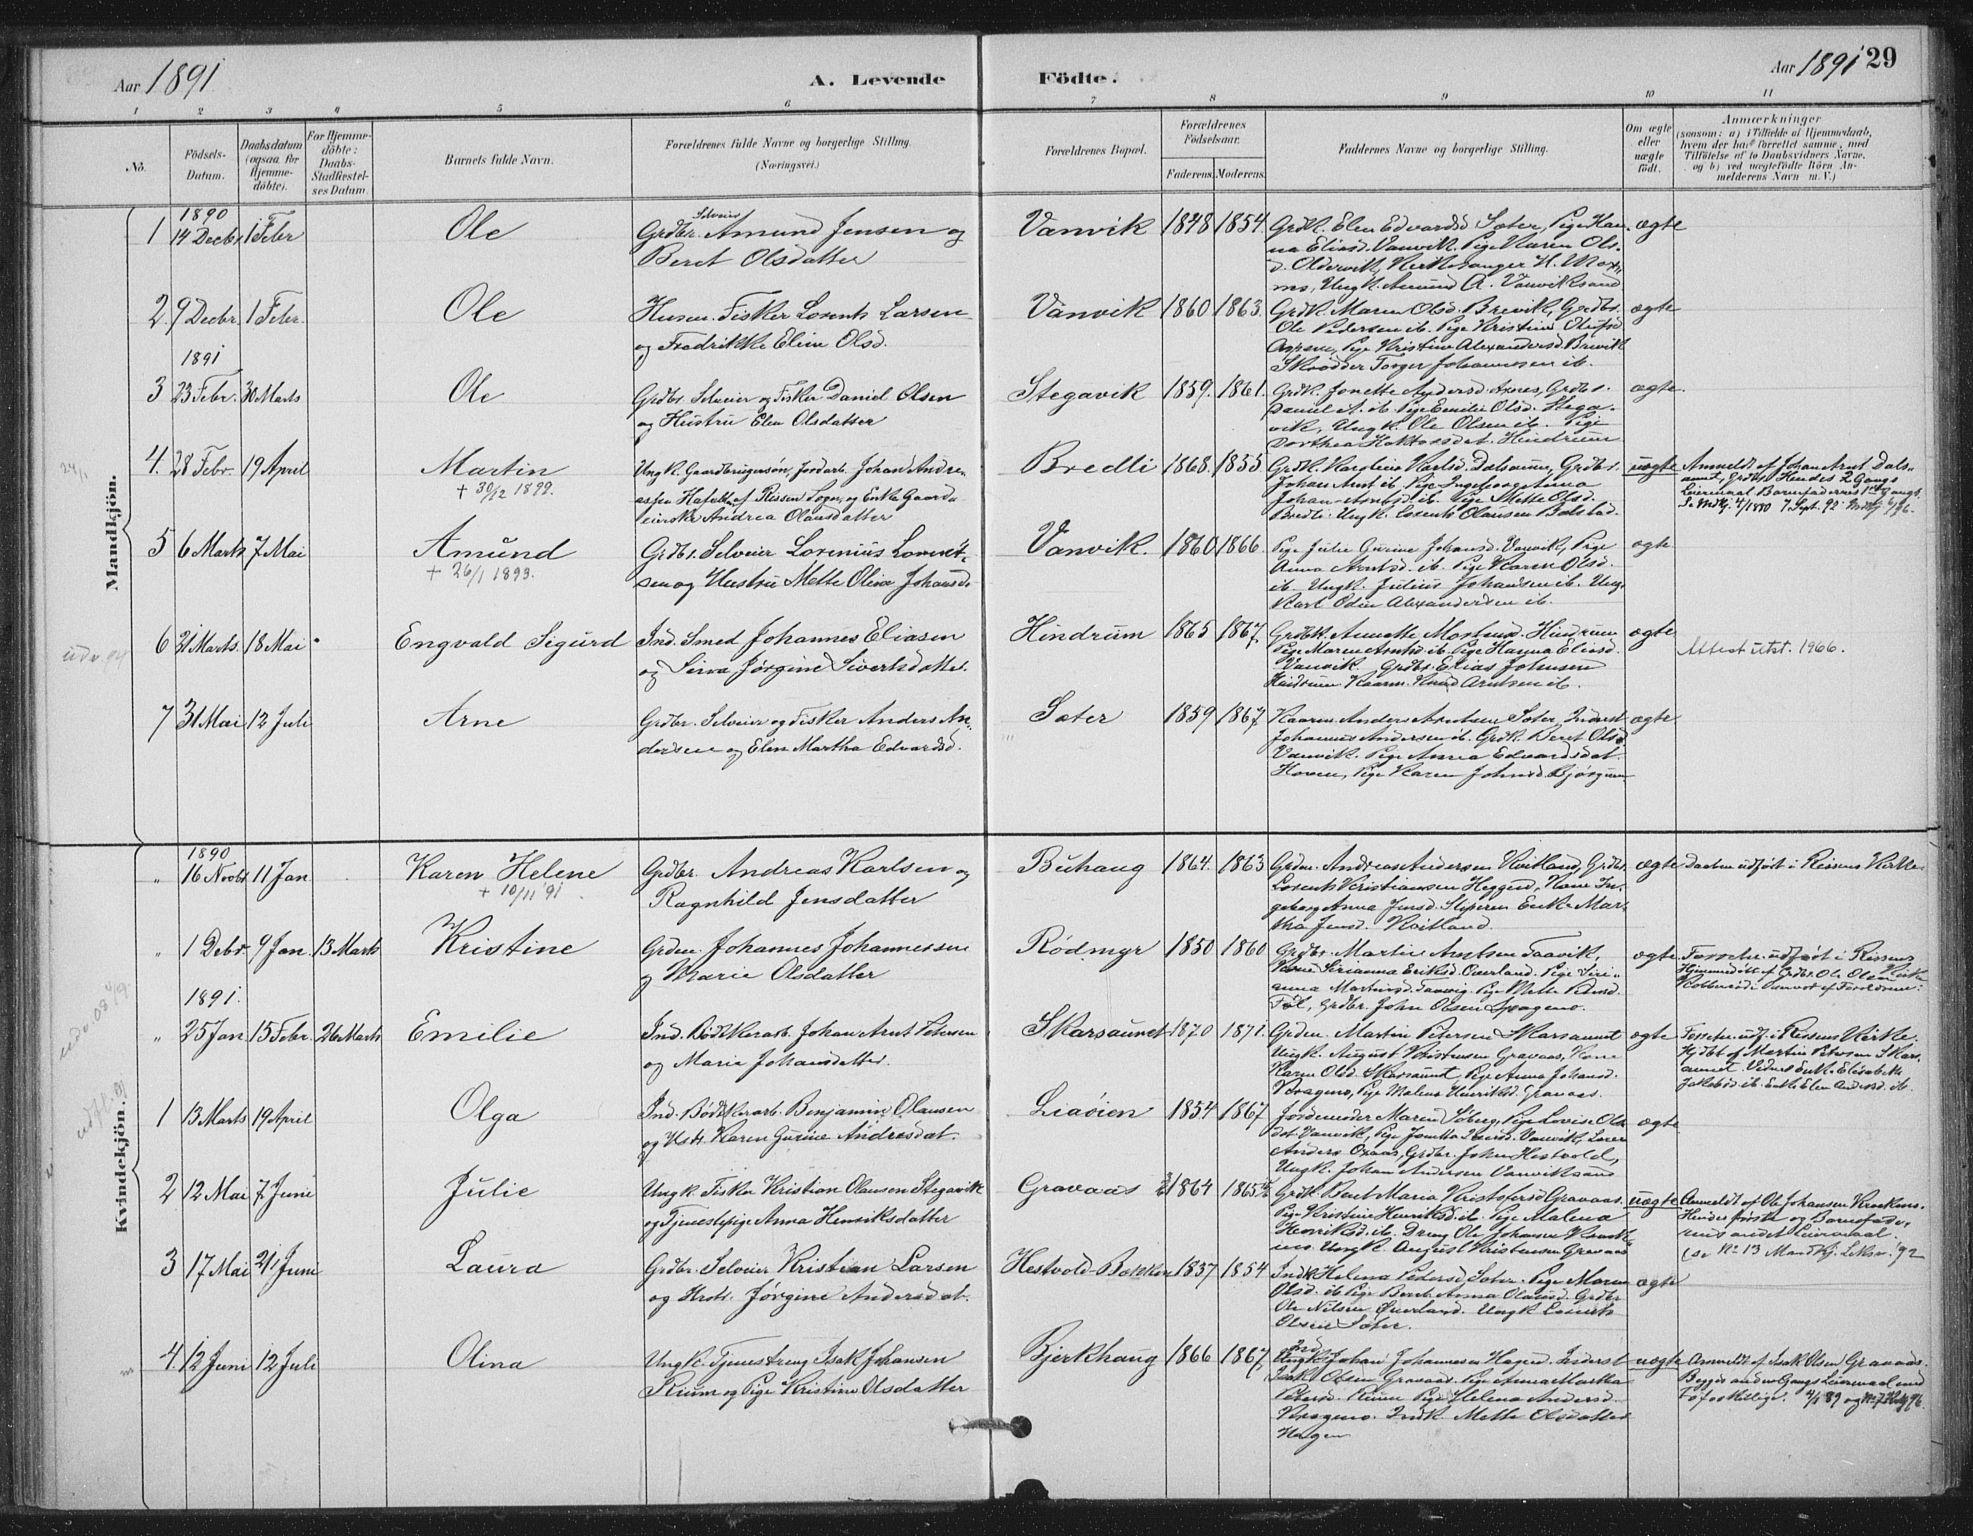 SAT, Ministerialprotokoller, klokkerbøker og fødselsregistre - Nord-Trøndelag, 702/L0023: Ministerialbok nr. 702A01, 1883-1897, s. 29